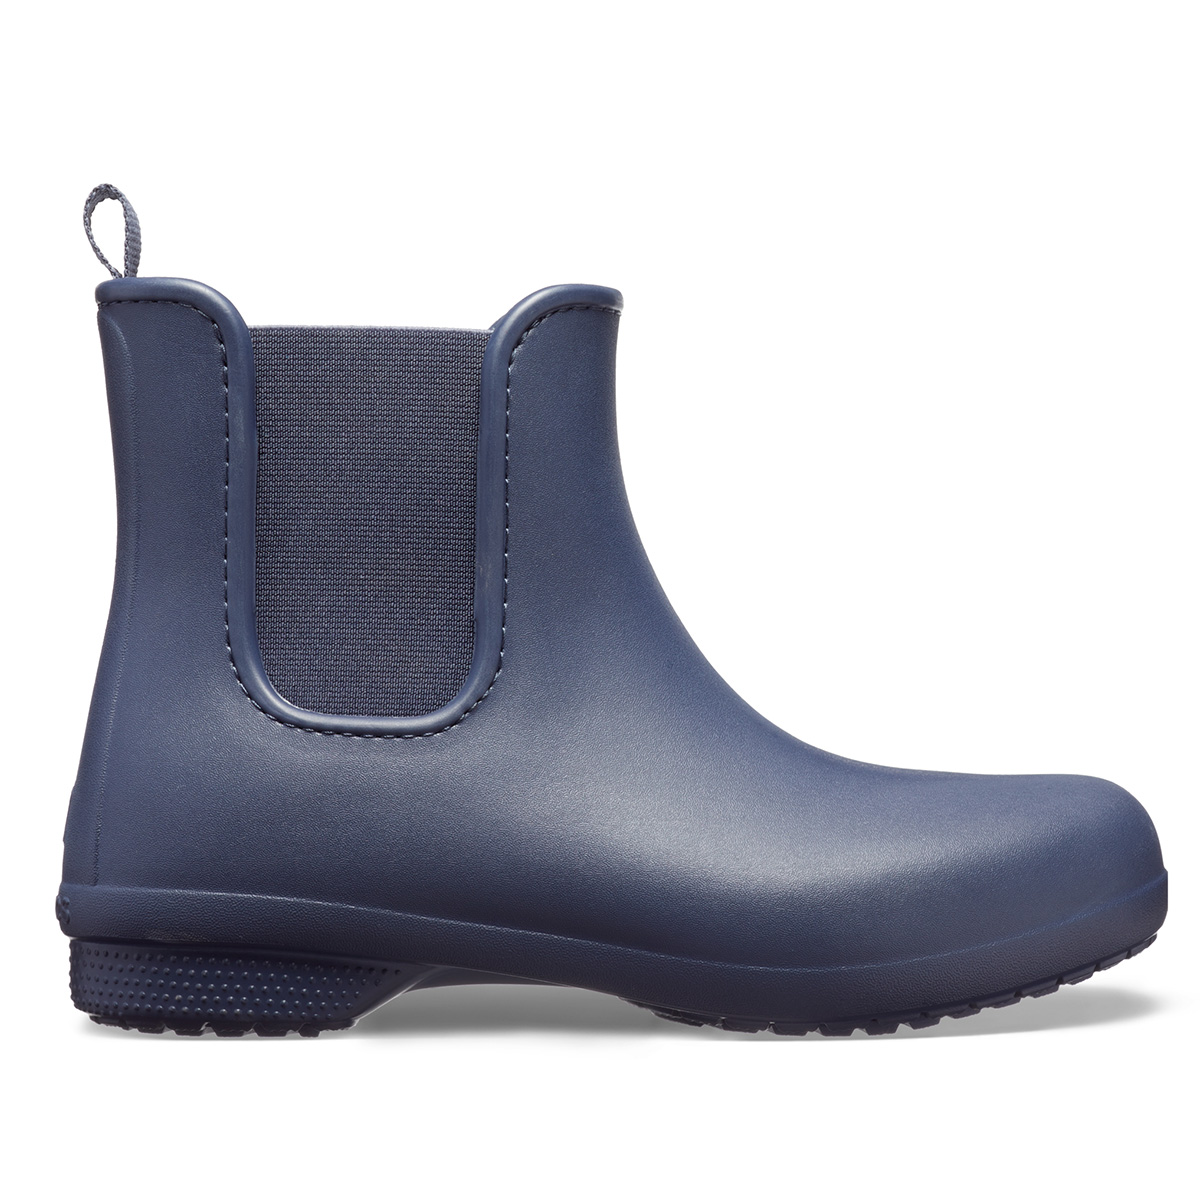 Crocs Freesail Chelsea Boot W - Lacivert/Lacivert